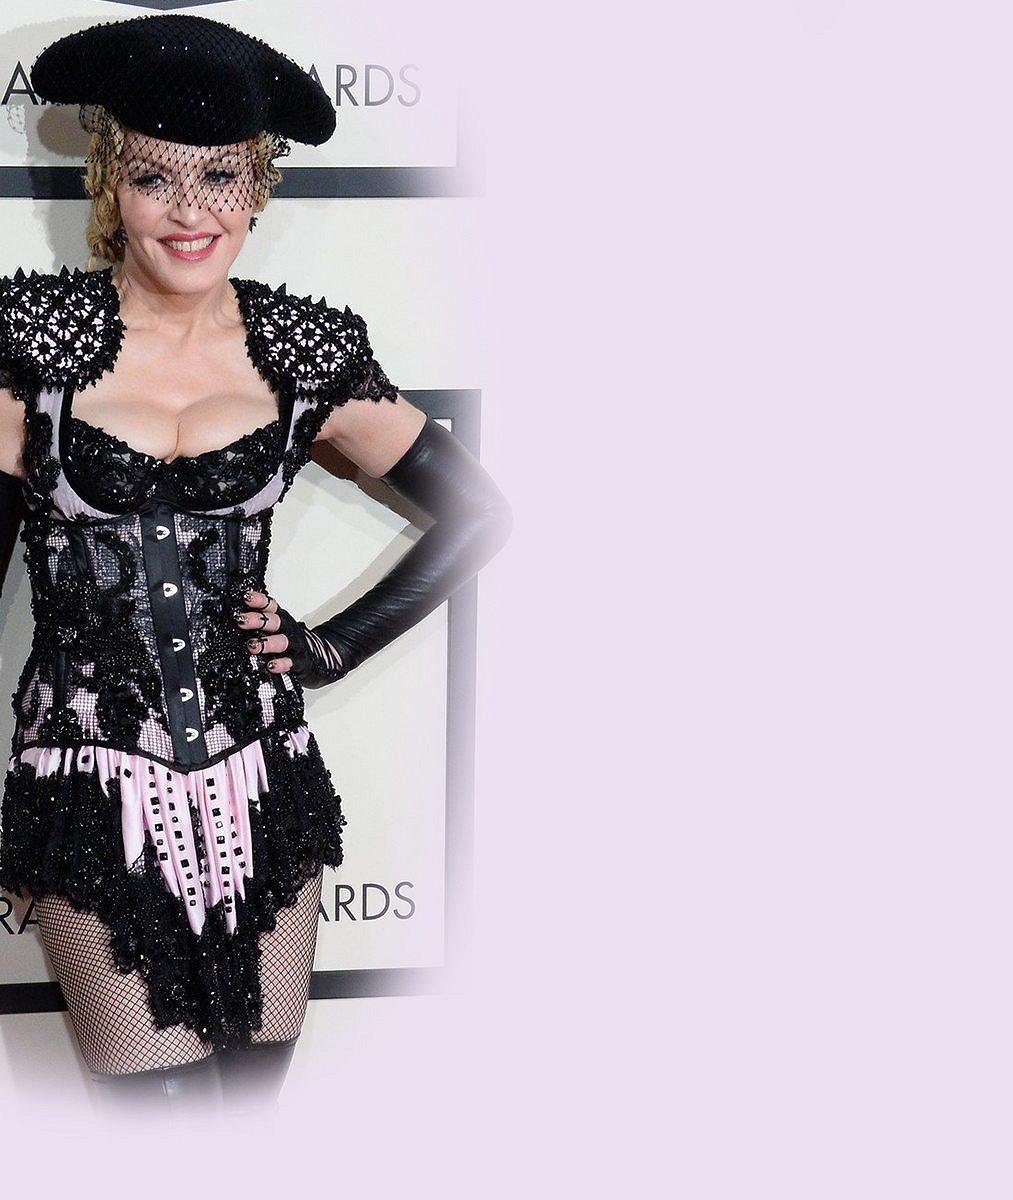 7 pikantních úlovků z archivu královny provokace: Věčné rebelce Madonně je už 60!